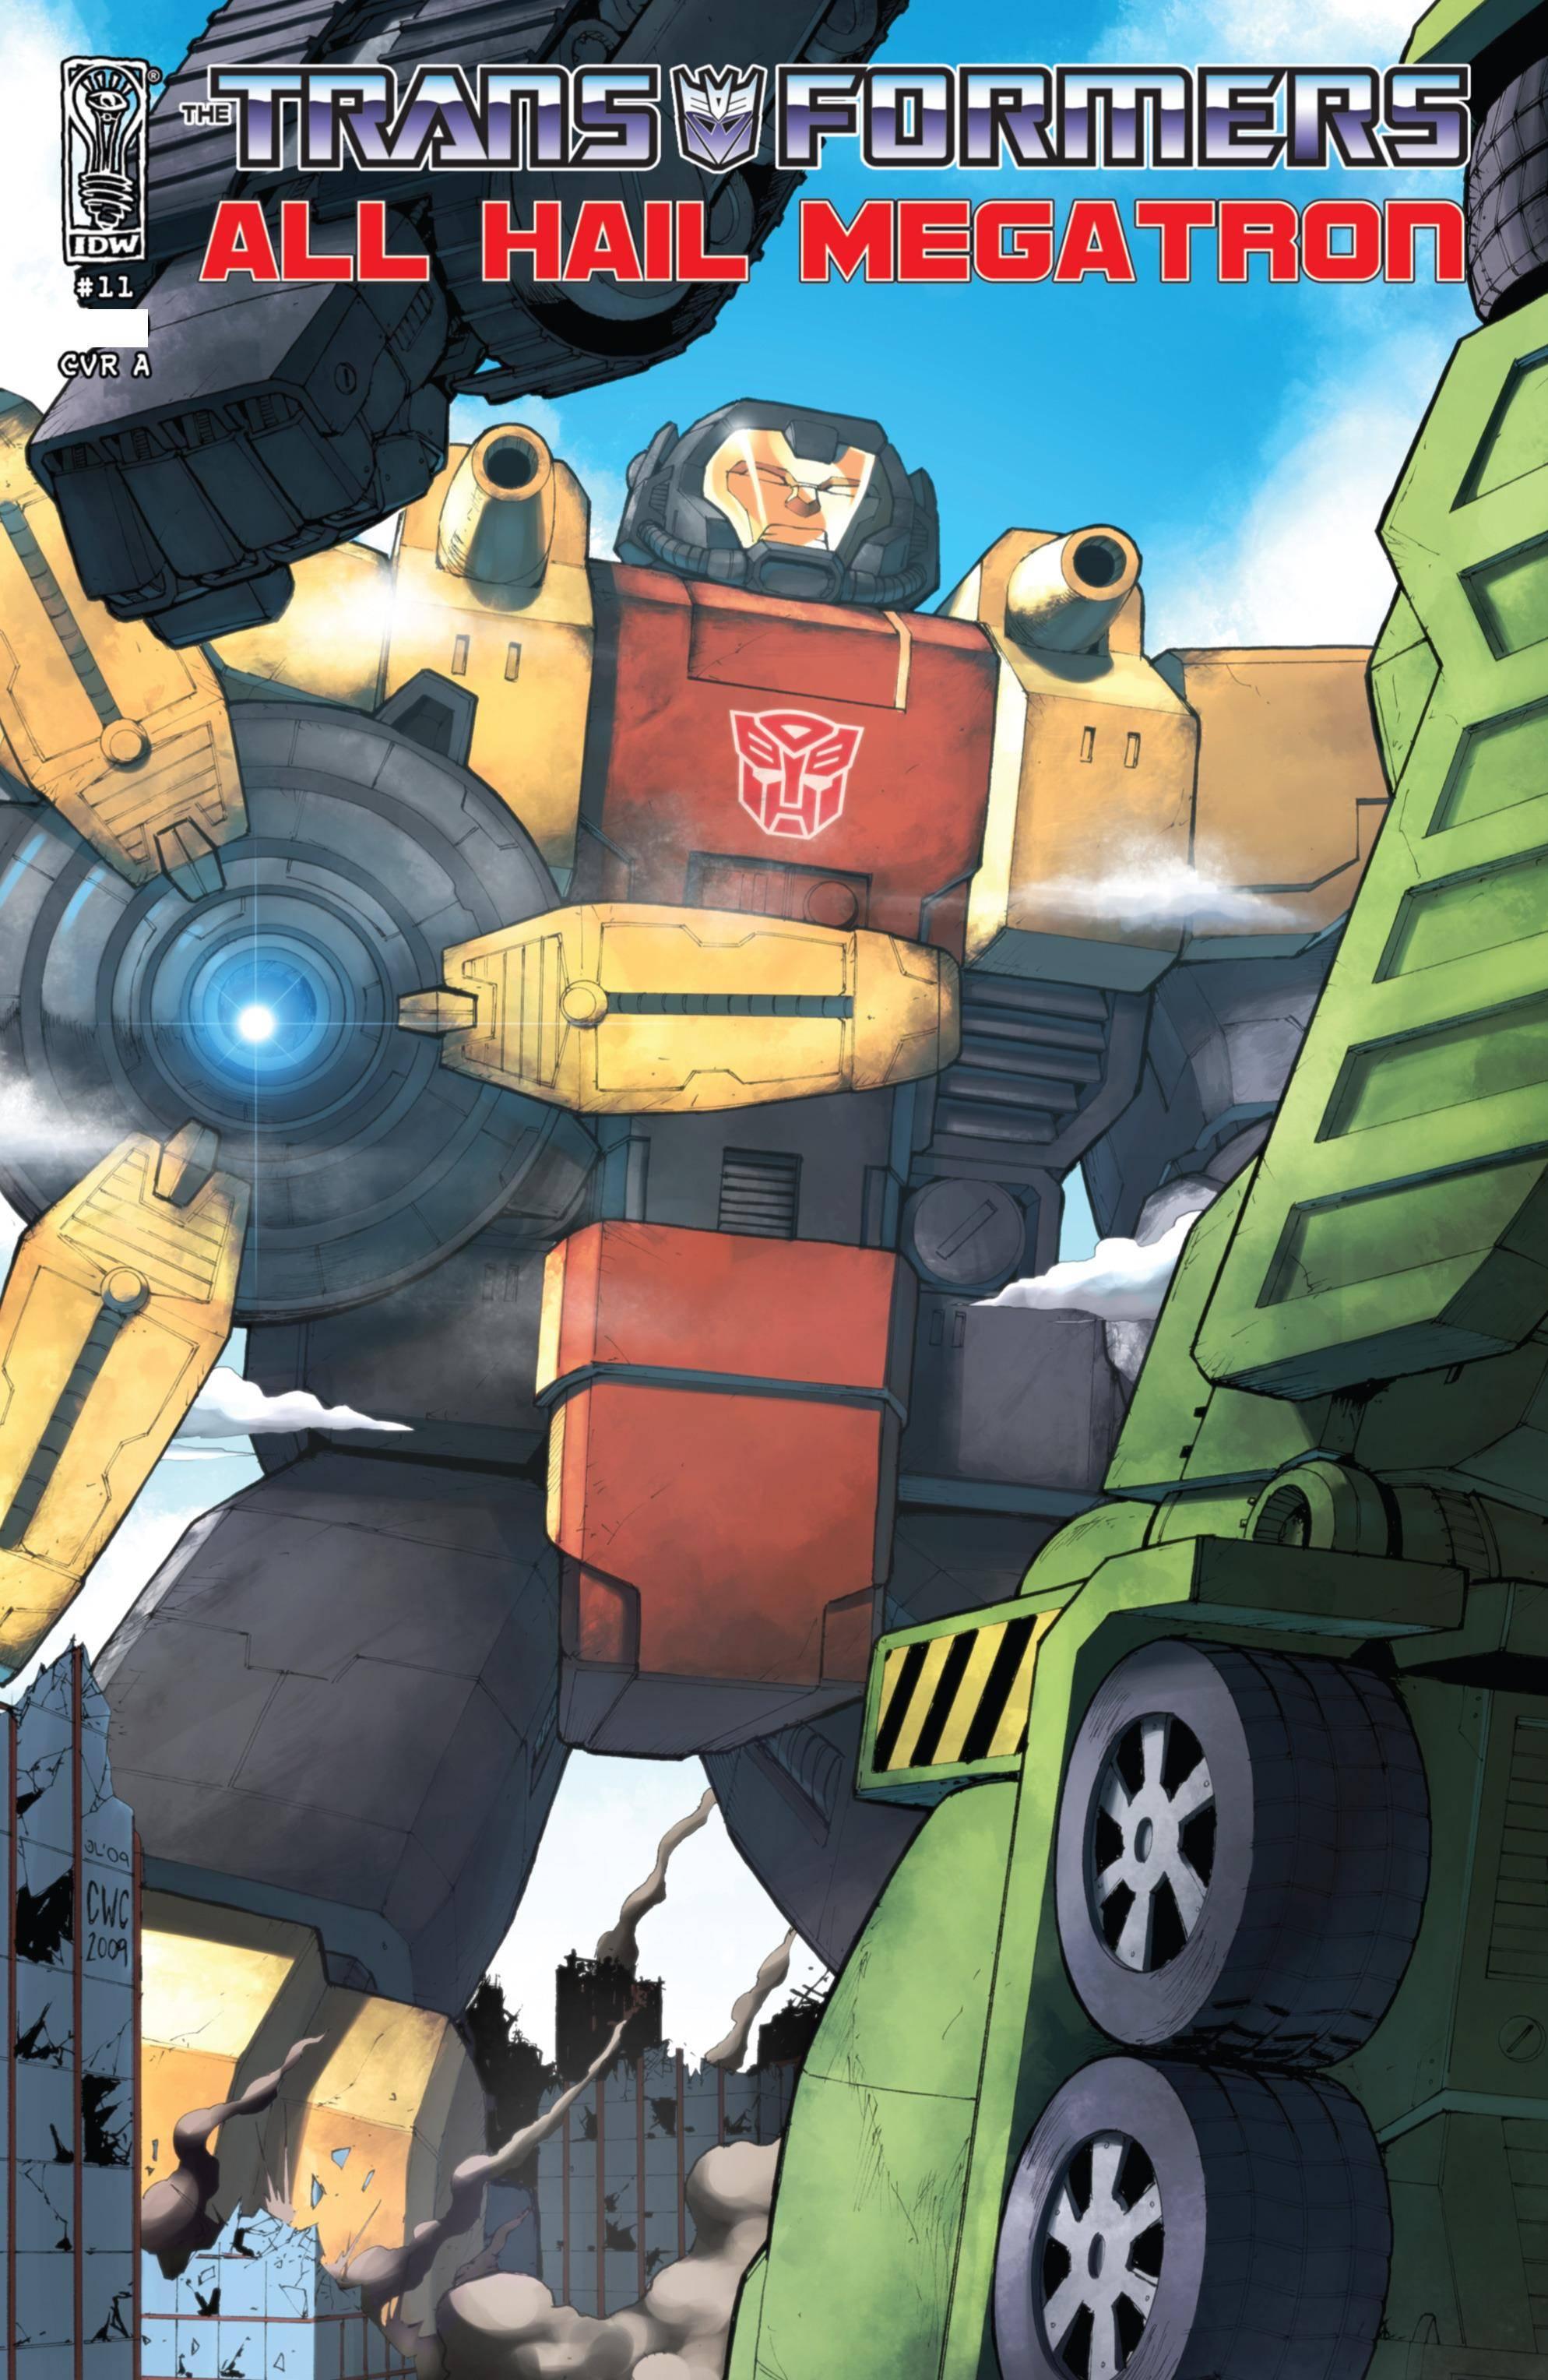 Transformers-All.Hail.Megatron.011.2009.Digital.Asgard-Empire